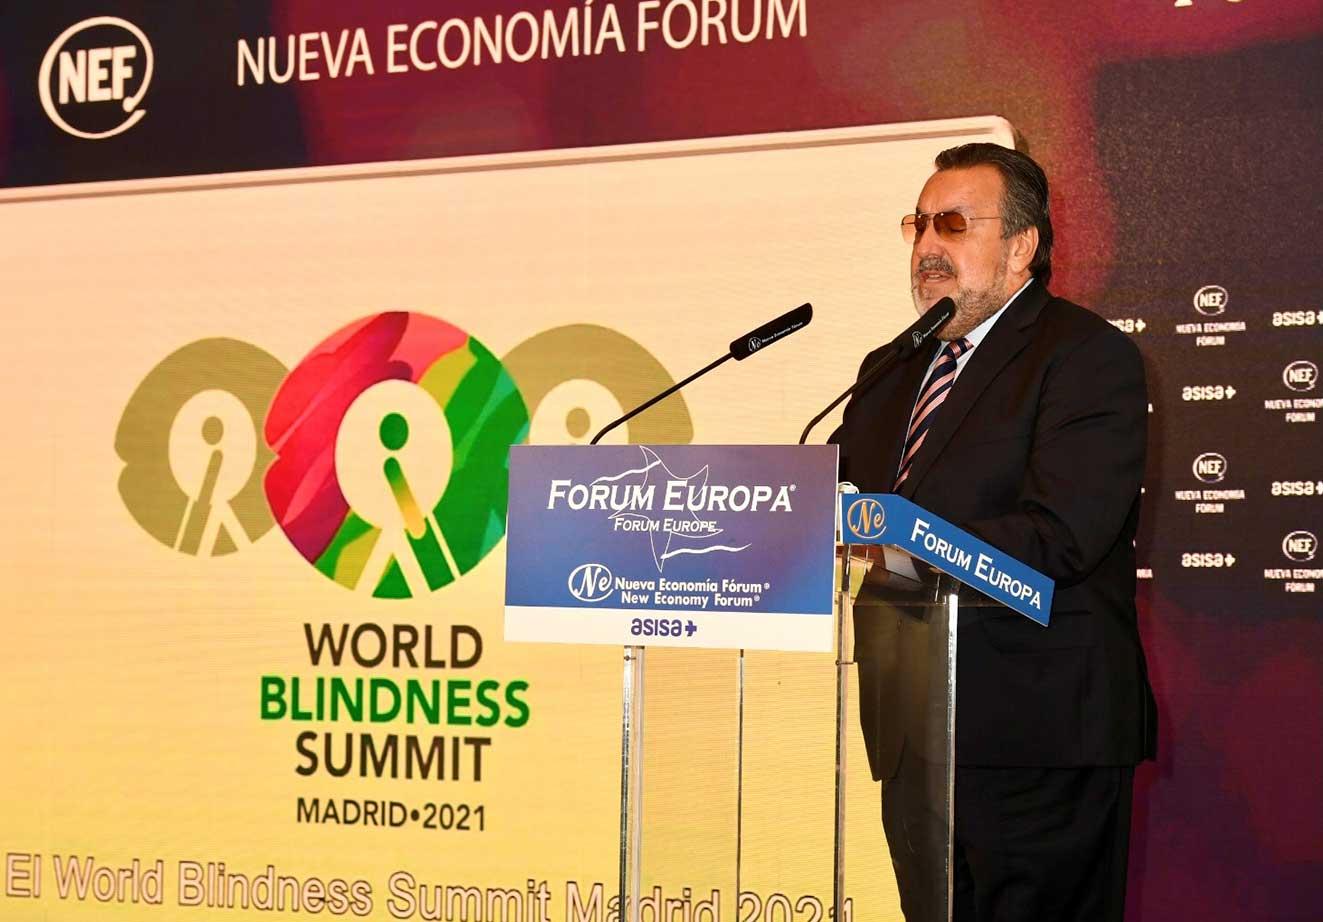 El Grupo Social ONCE trae a Madrid la mayor Cumbre Mundial de la Ceguera de la historia, con 3.500 participantes con discapacidad visual de 190 países